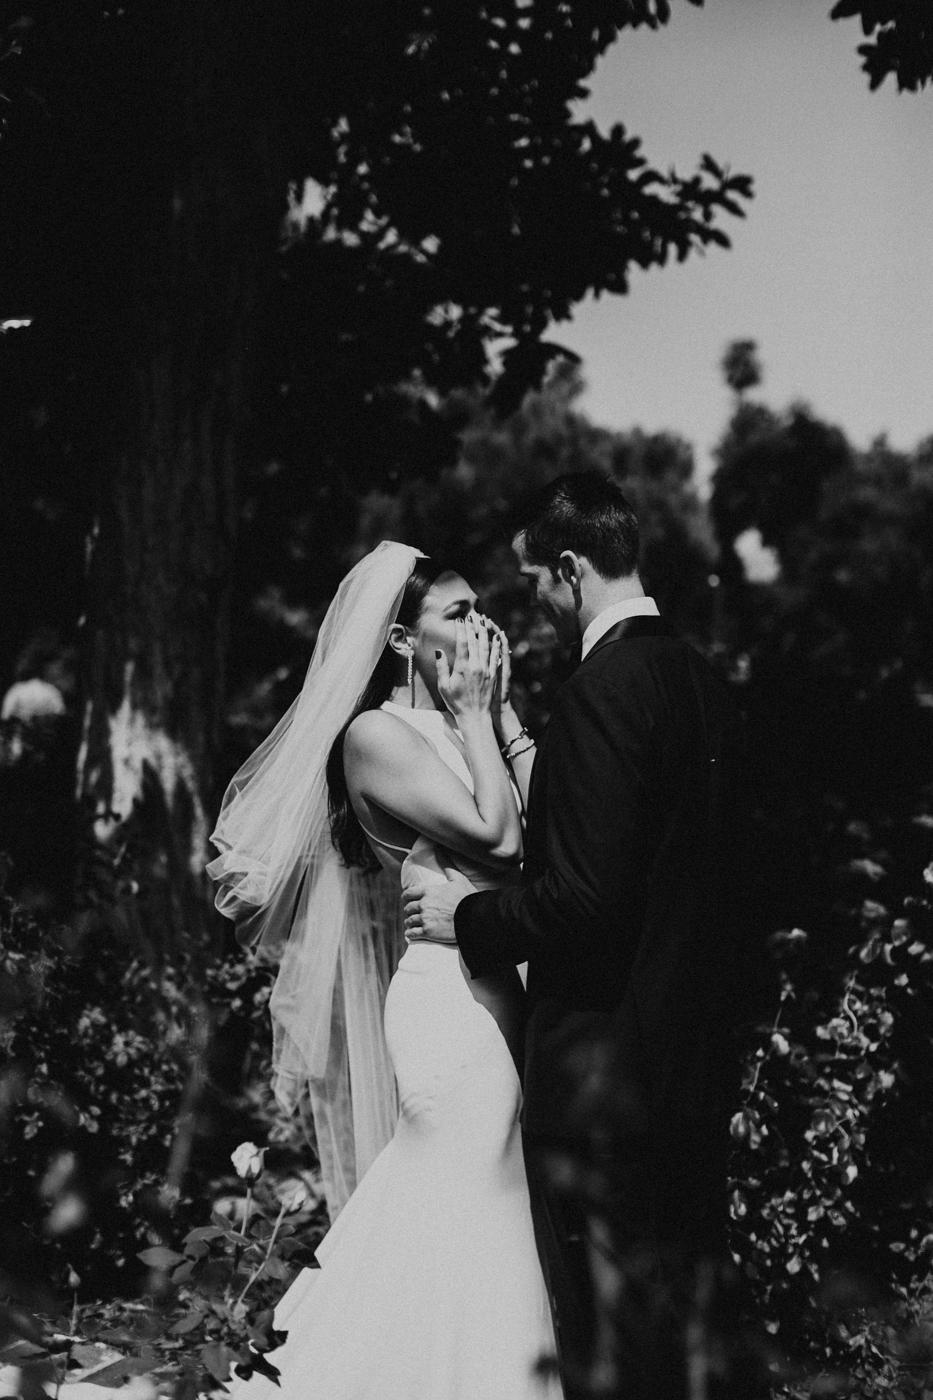 Nicole+Tyler_JMWeddingCo-58.jpg